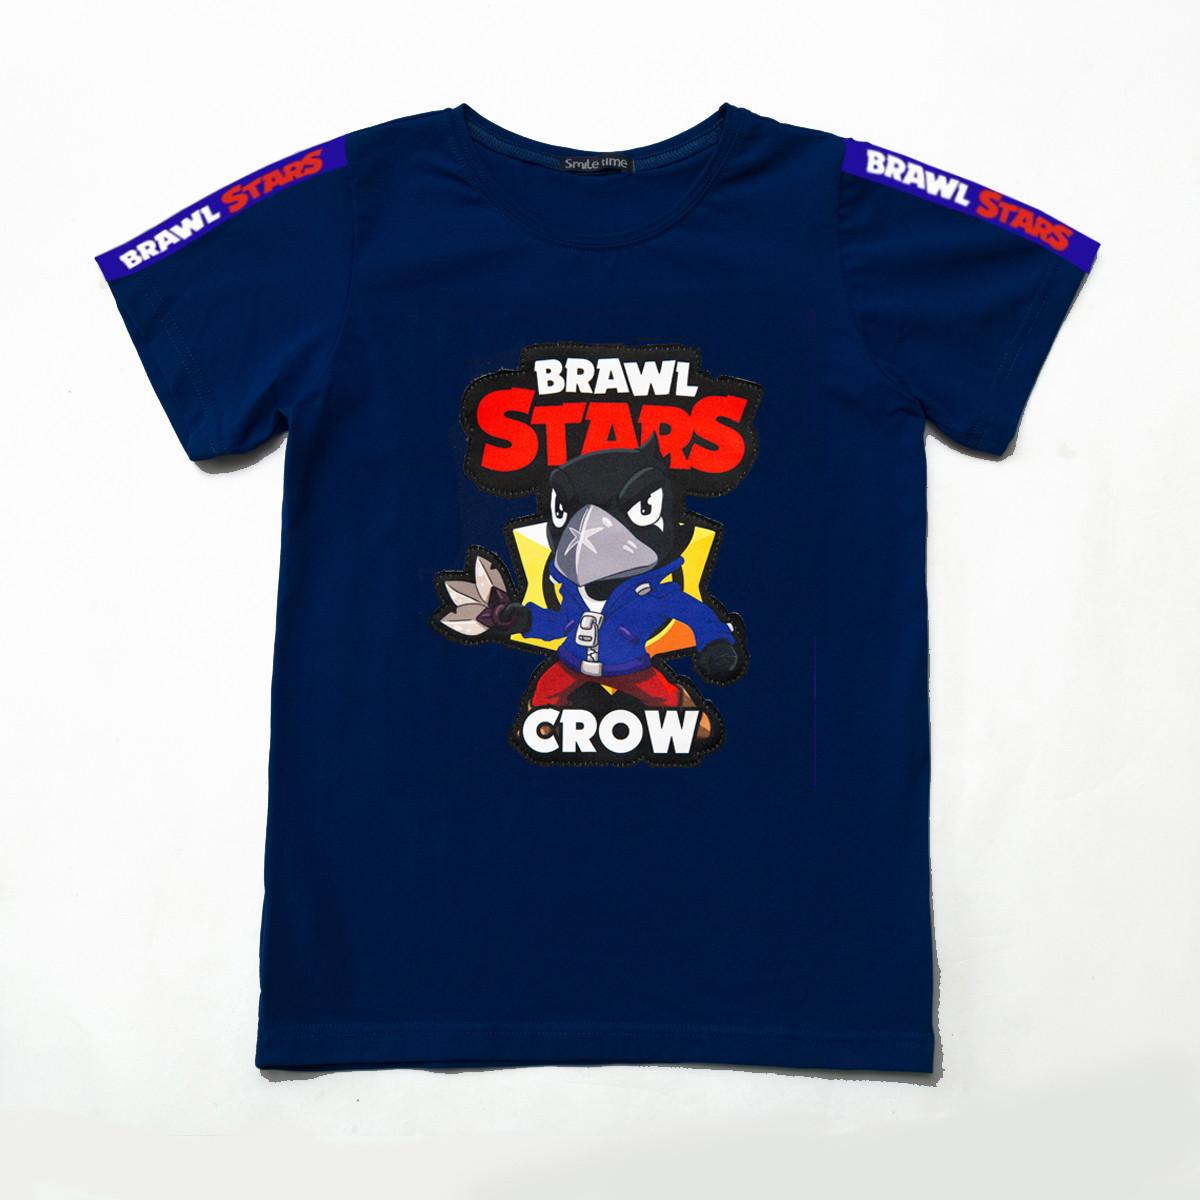 Футболка Бравл Старс р.128,134,140,146 для мальчика SmileTime Crown Brawl Stars, темно-синяя